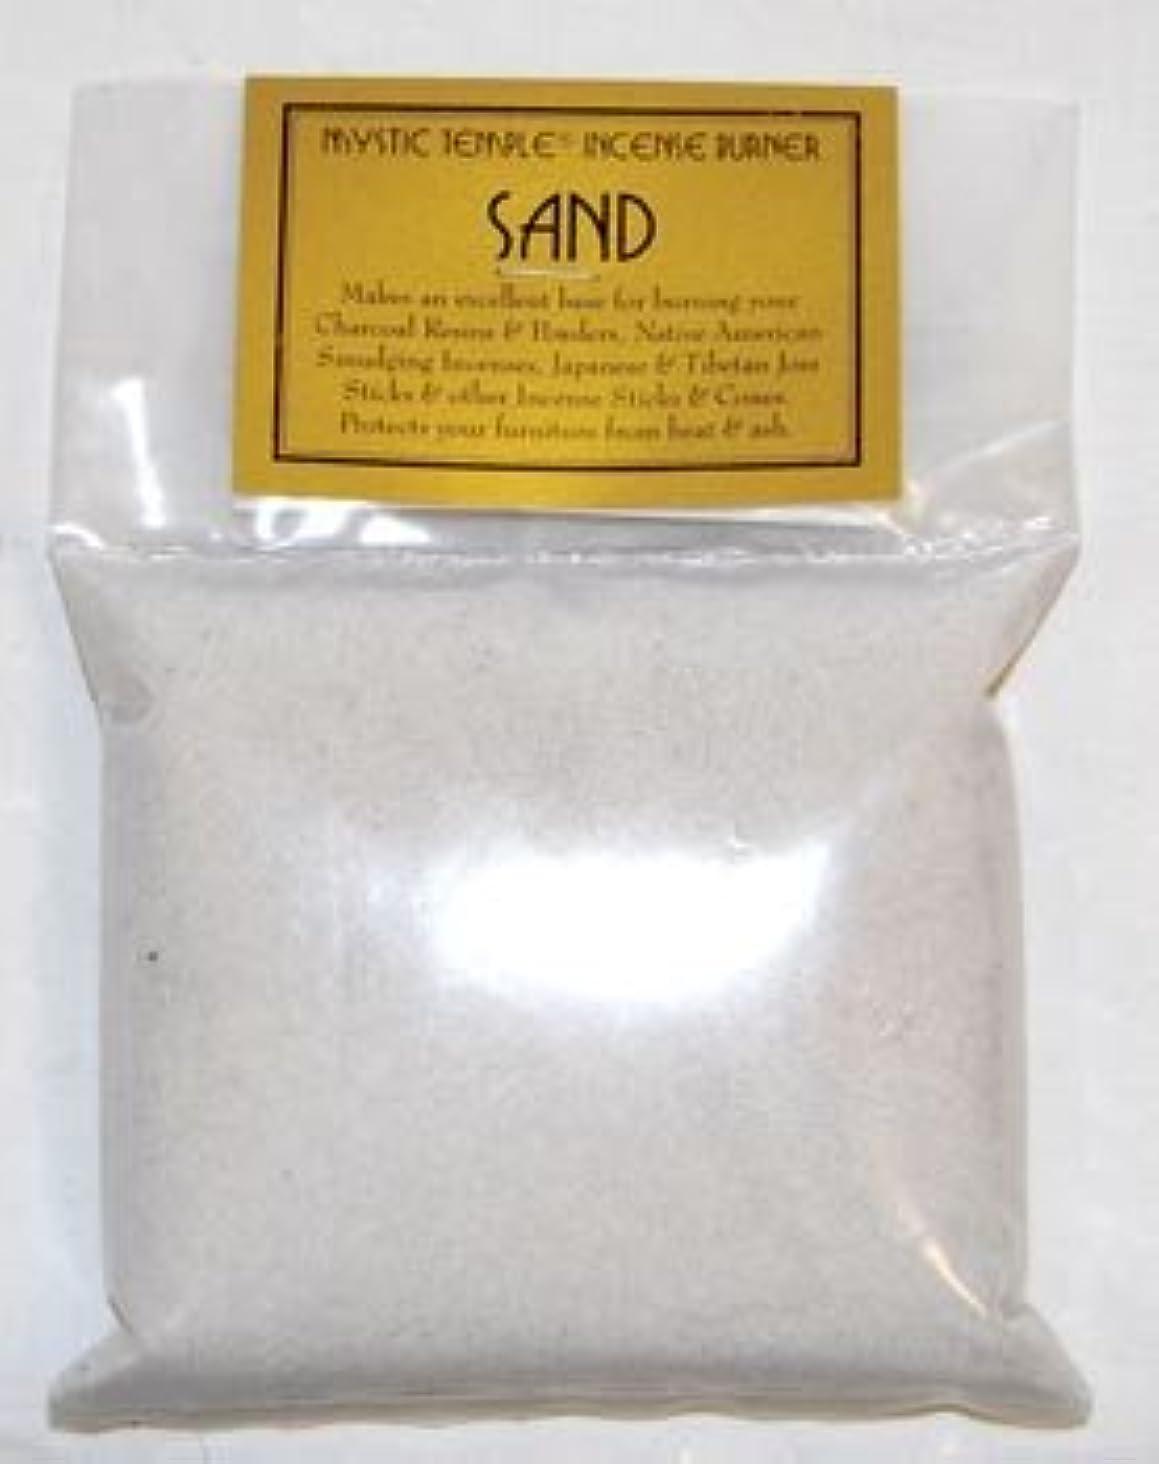 終了する晩ごはんアライアンス新しい1lbホワイト香炉砂( Incense Burners、チャコール、アクセサリー